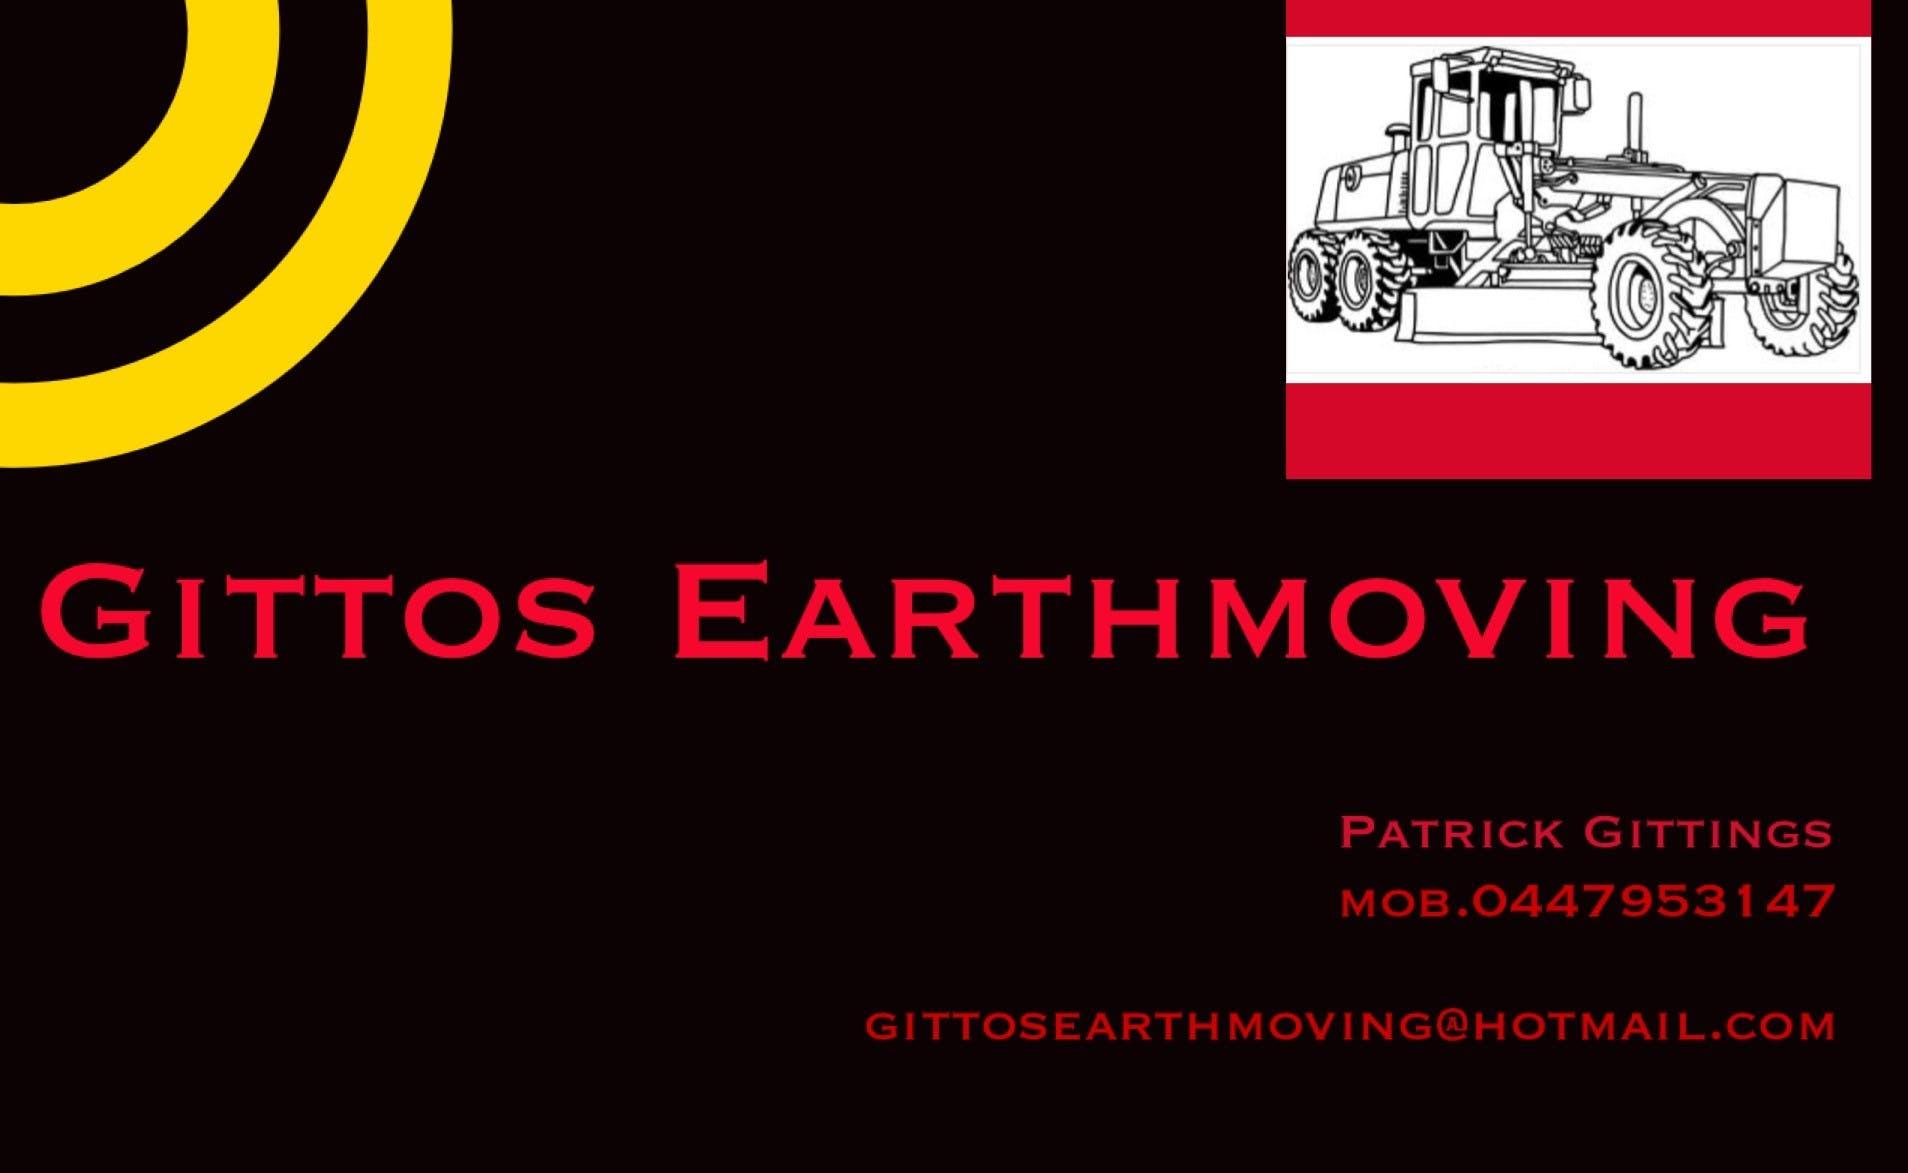 Gittos earthmoving